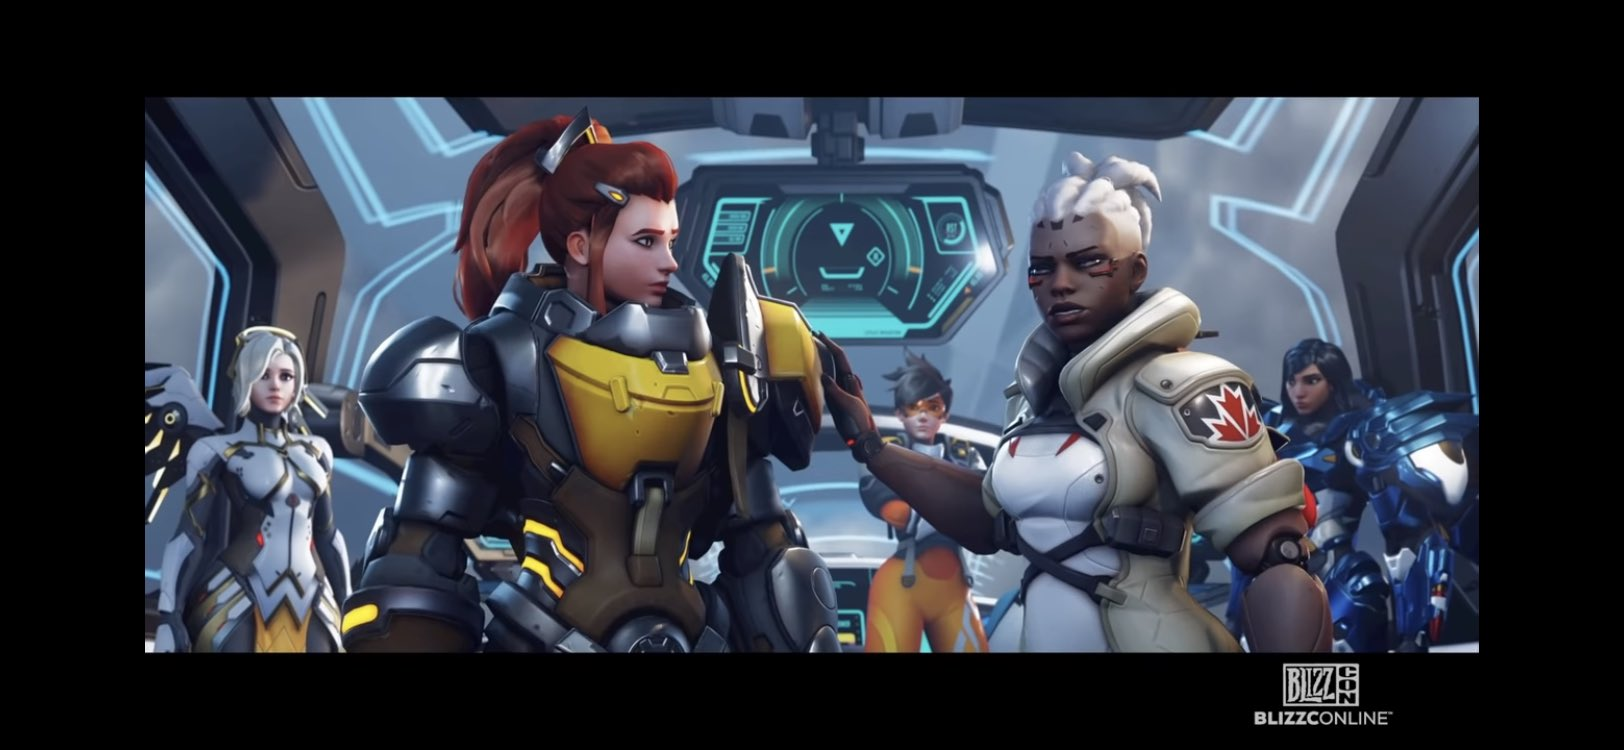 Посмотрите, как работает рельсовая винтовка Соджорн в Overwatch 2